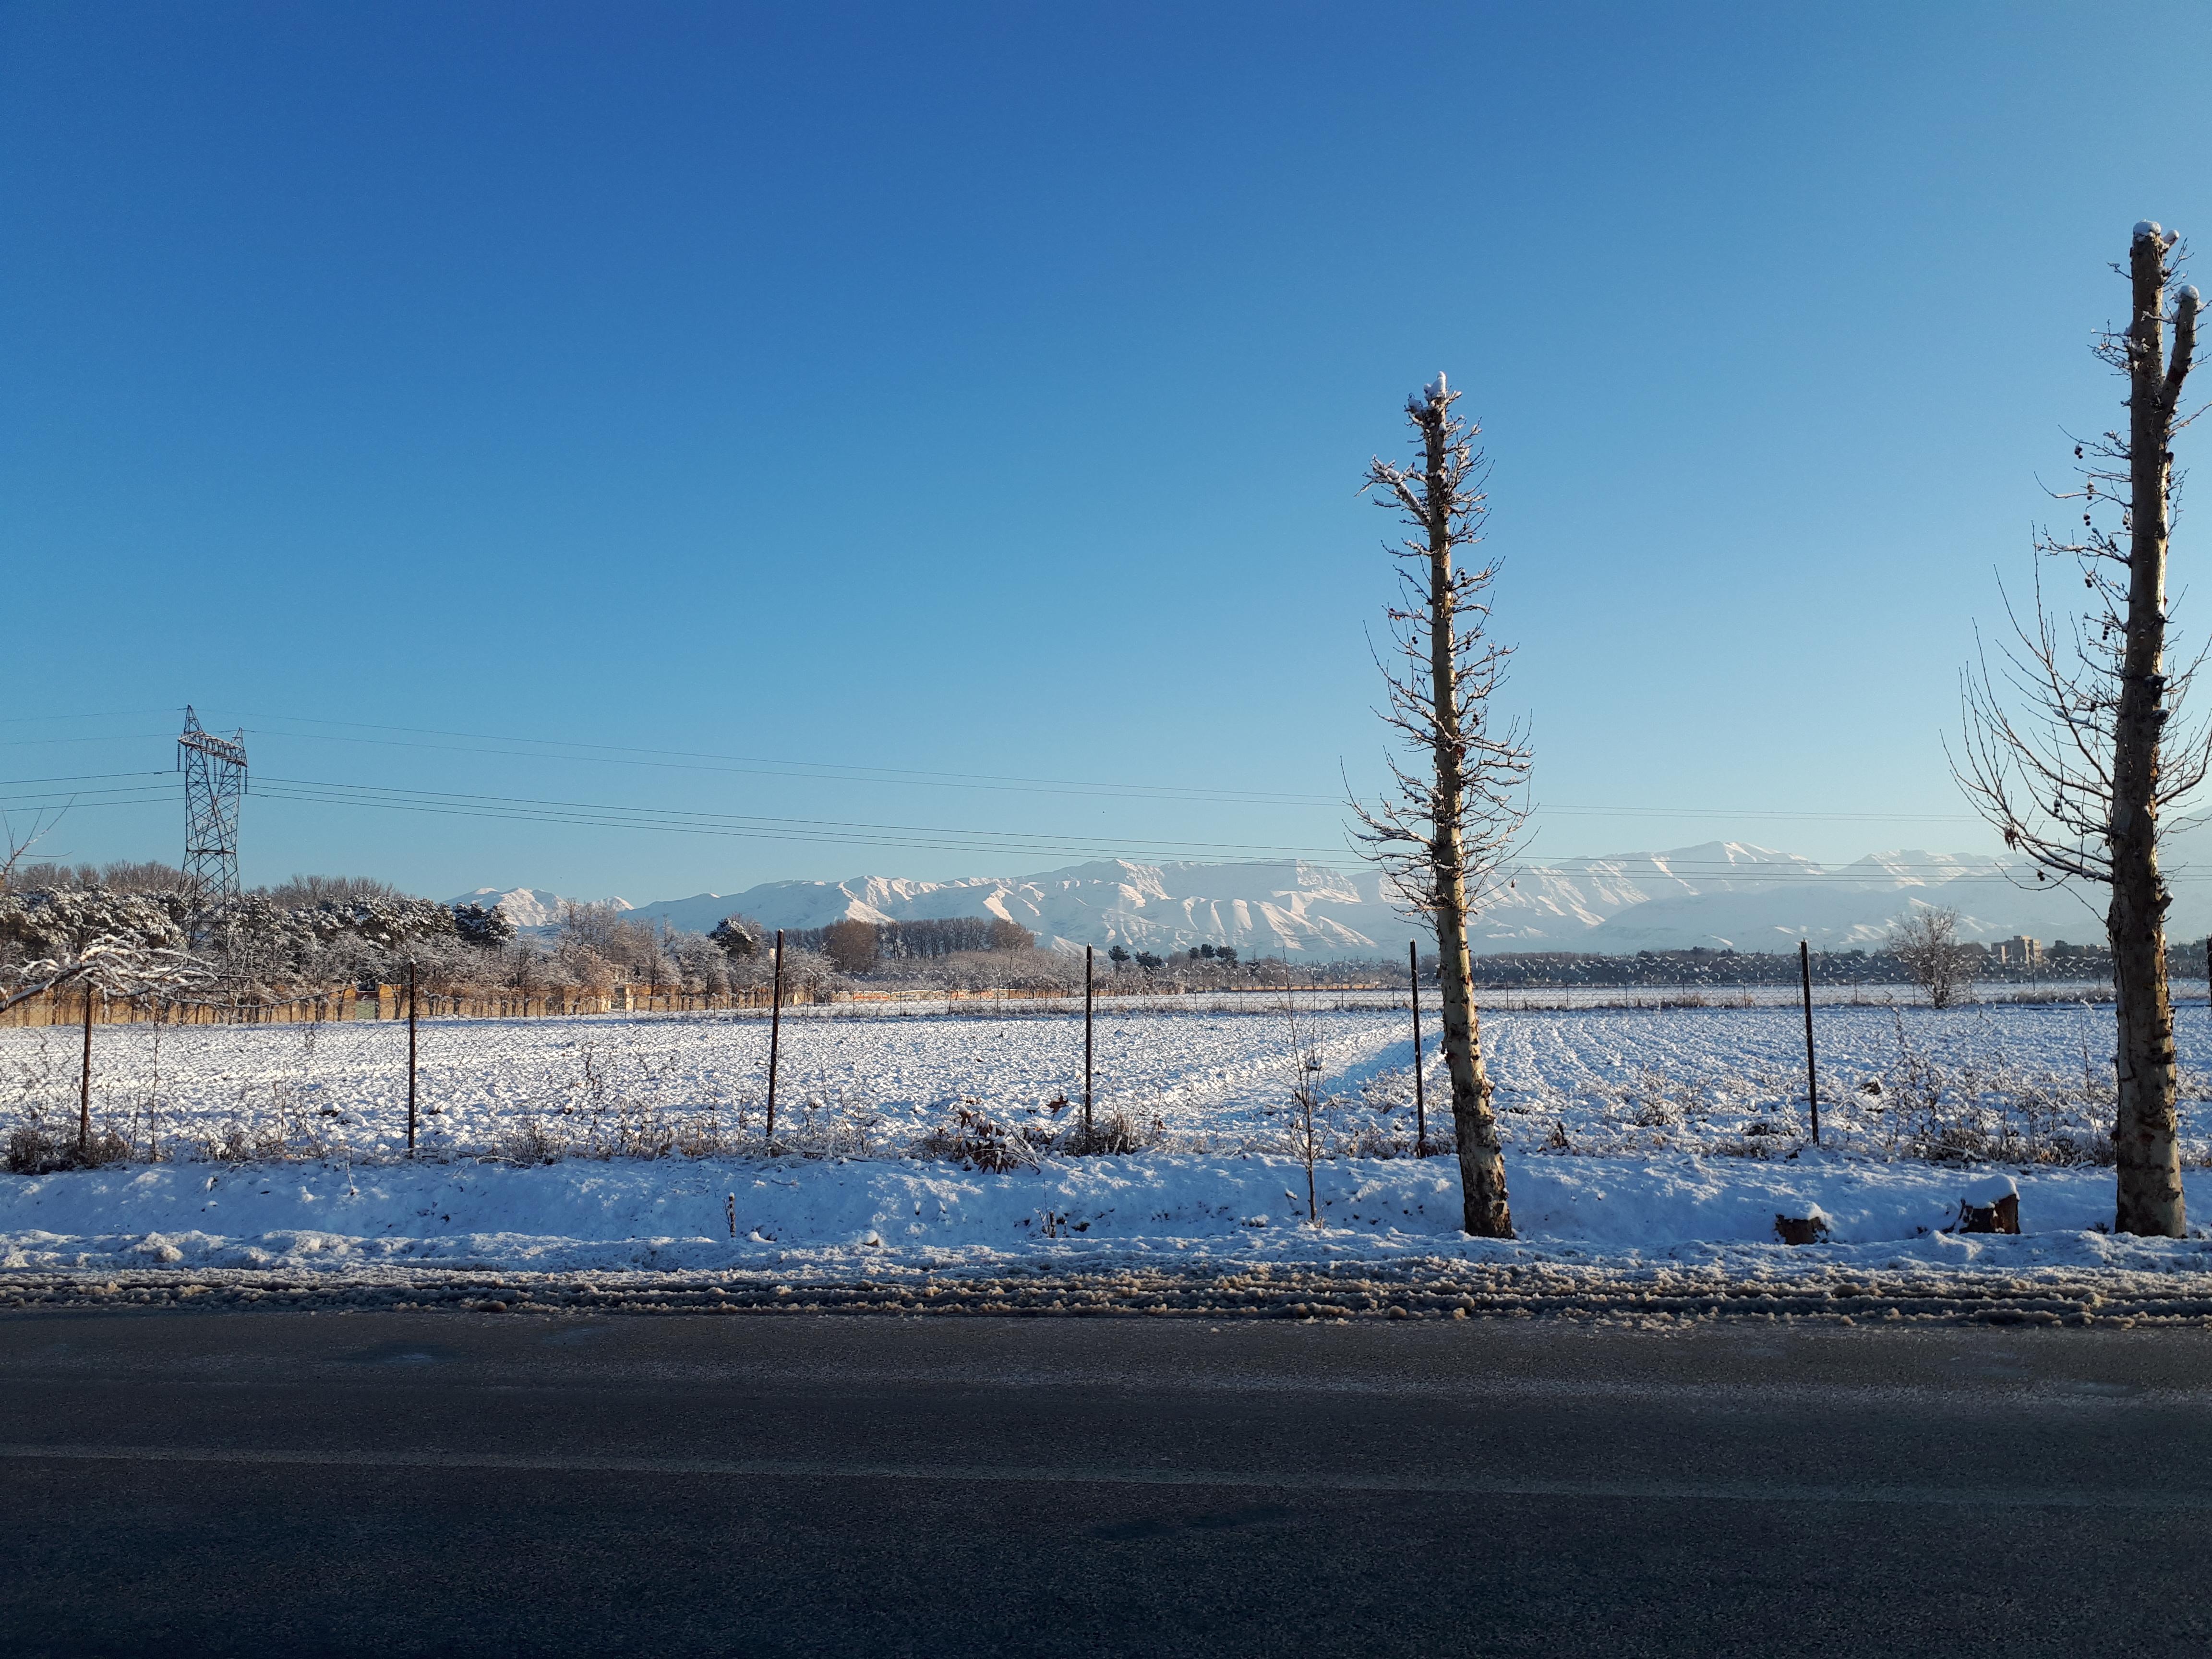 دو چنار زیر برف؛ عکس تزئ از خودم. زمستان 1397